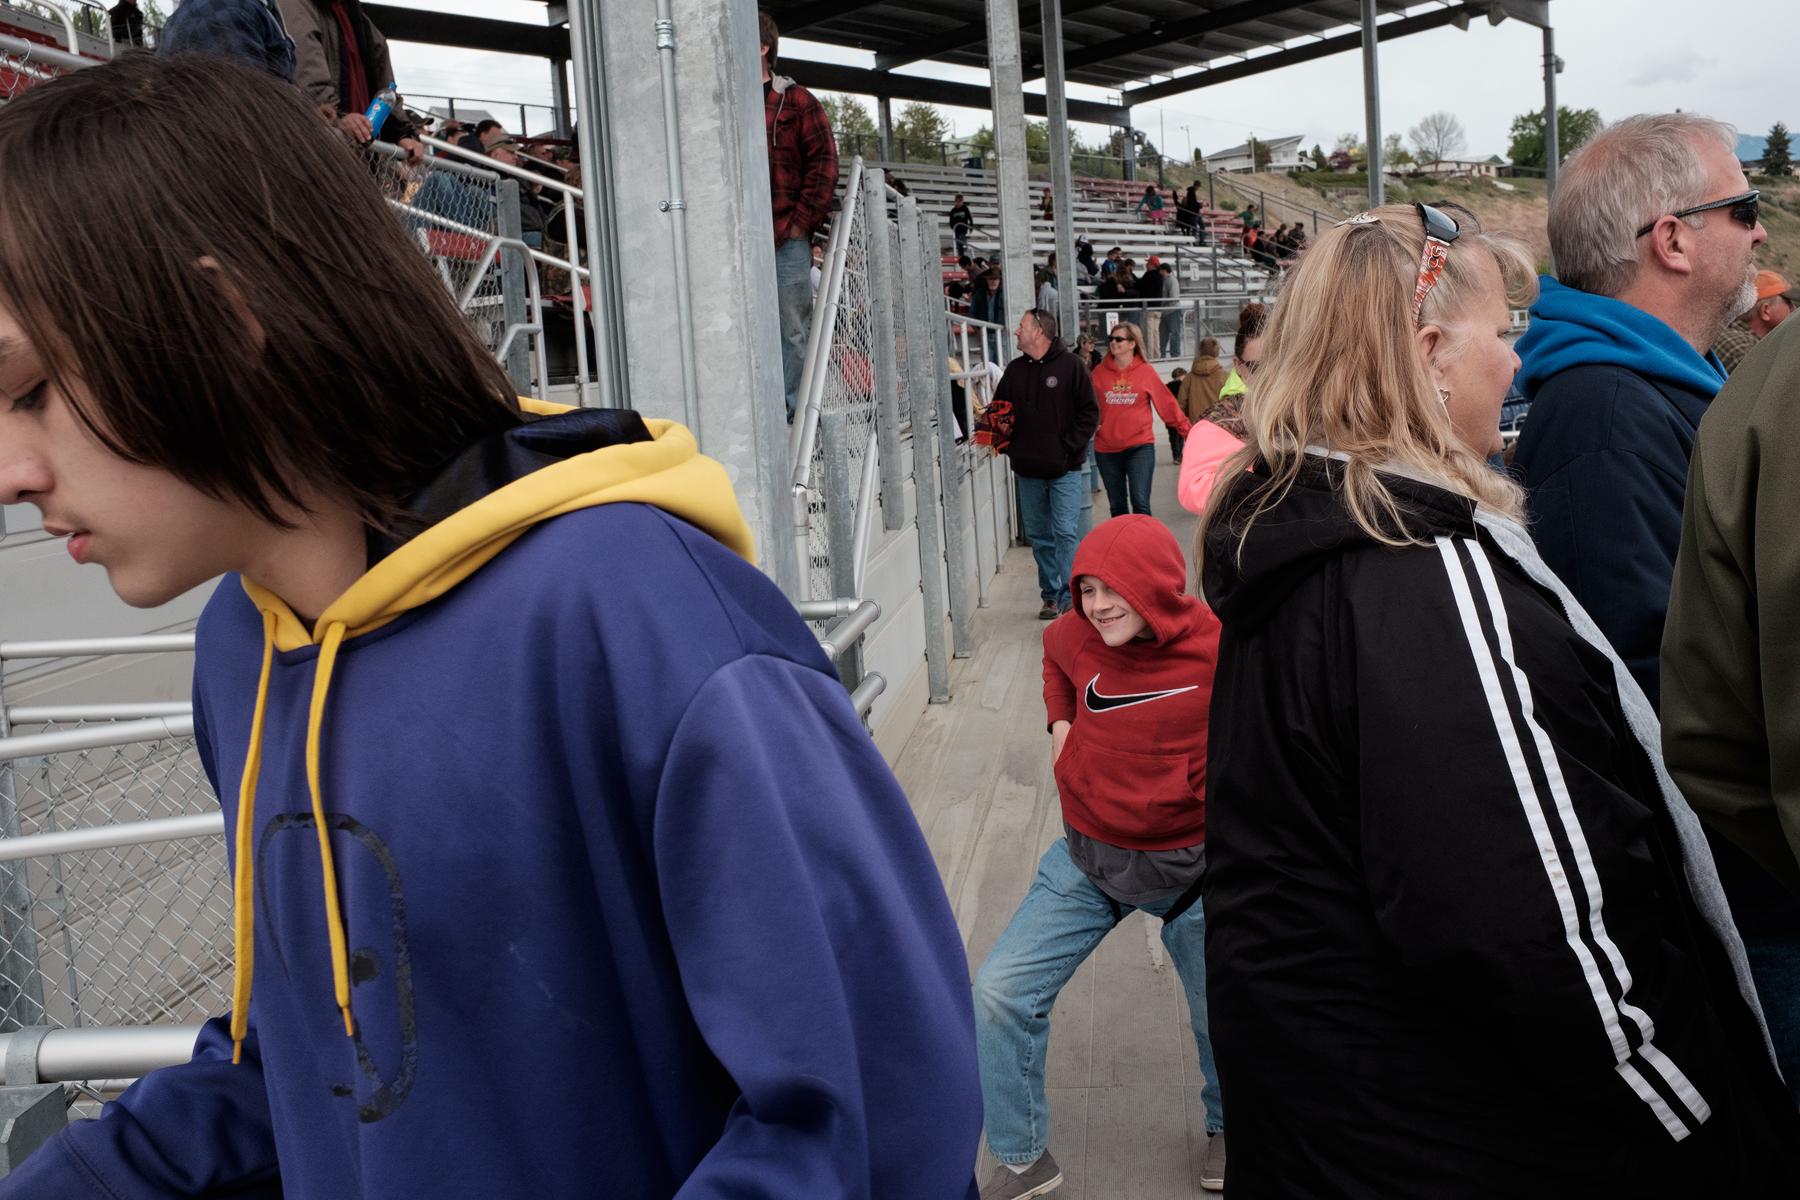 Exiting the stadium.  Omak, Washington, USA.  Image ©Connor Stefanison